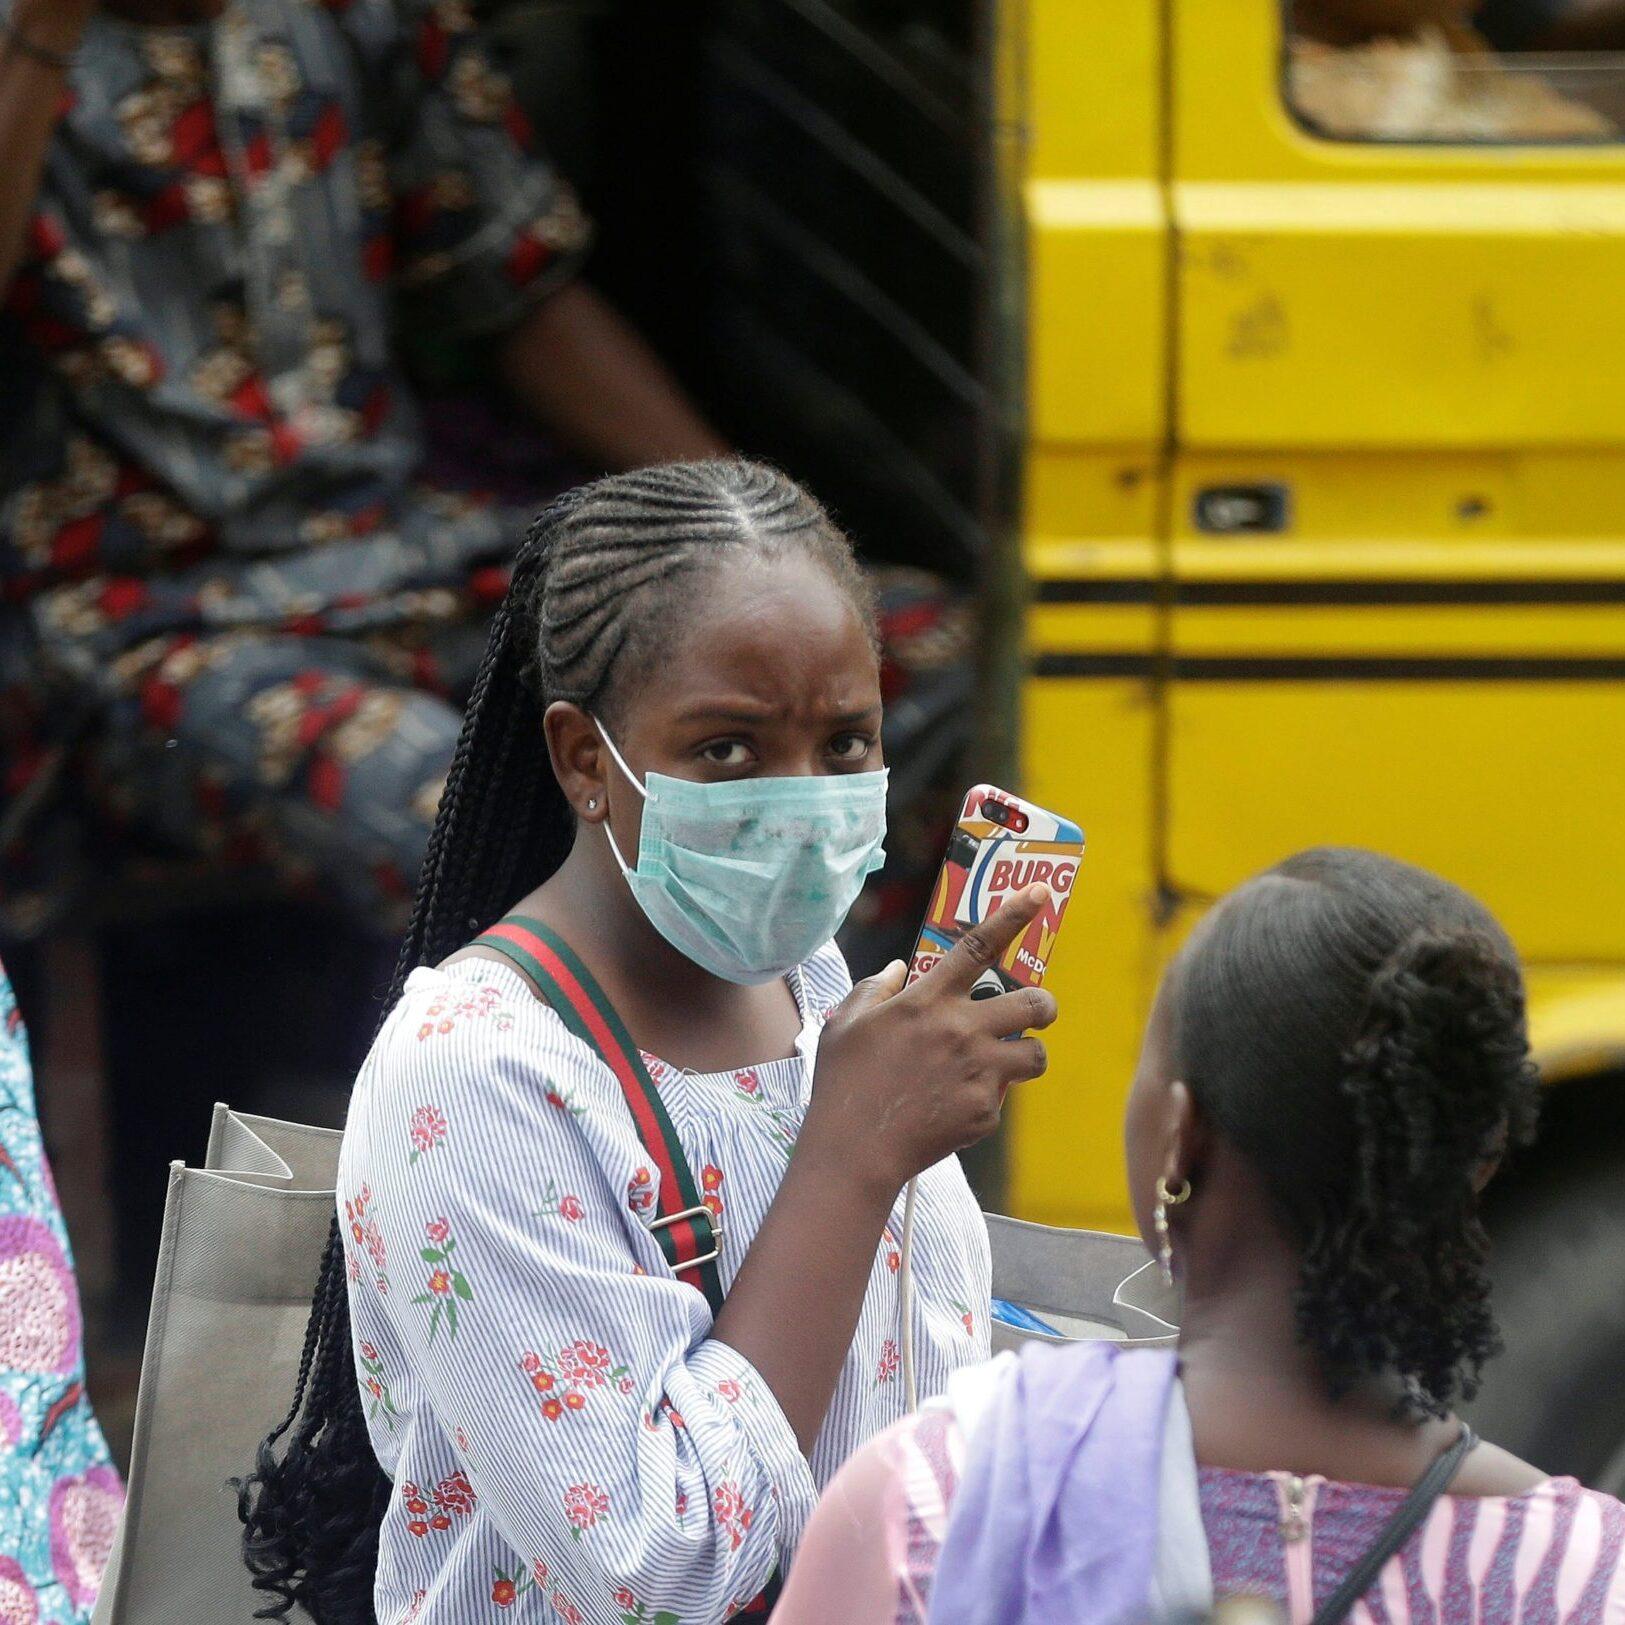 África luta para obter doses e tem apenas 1,6% de vacinados contra a Covid-19